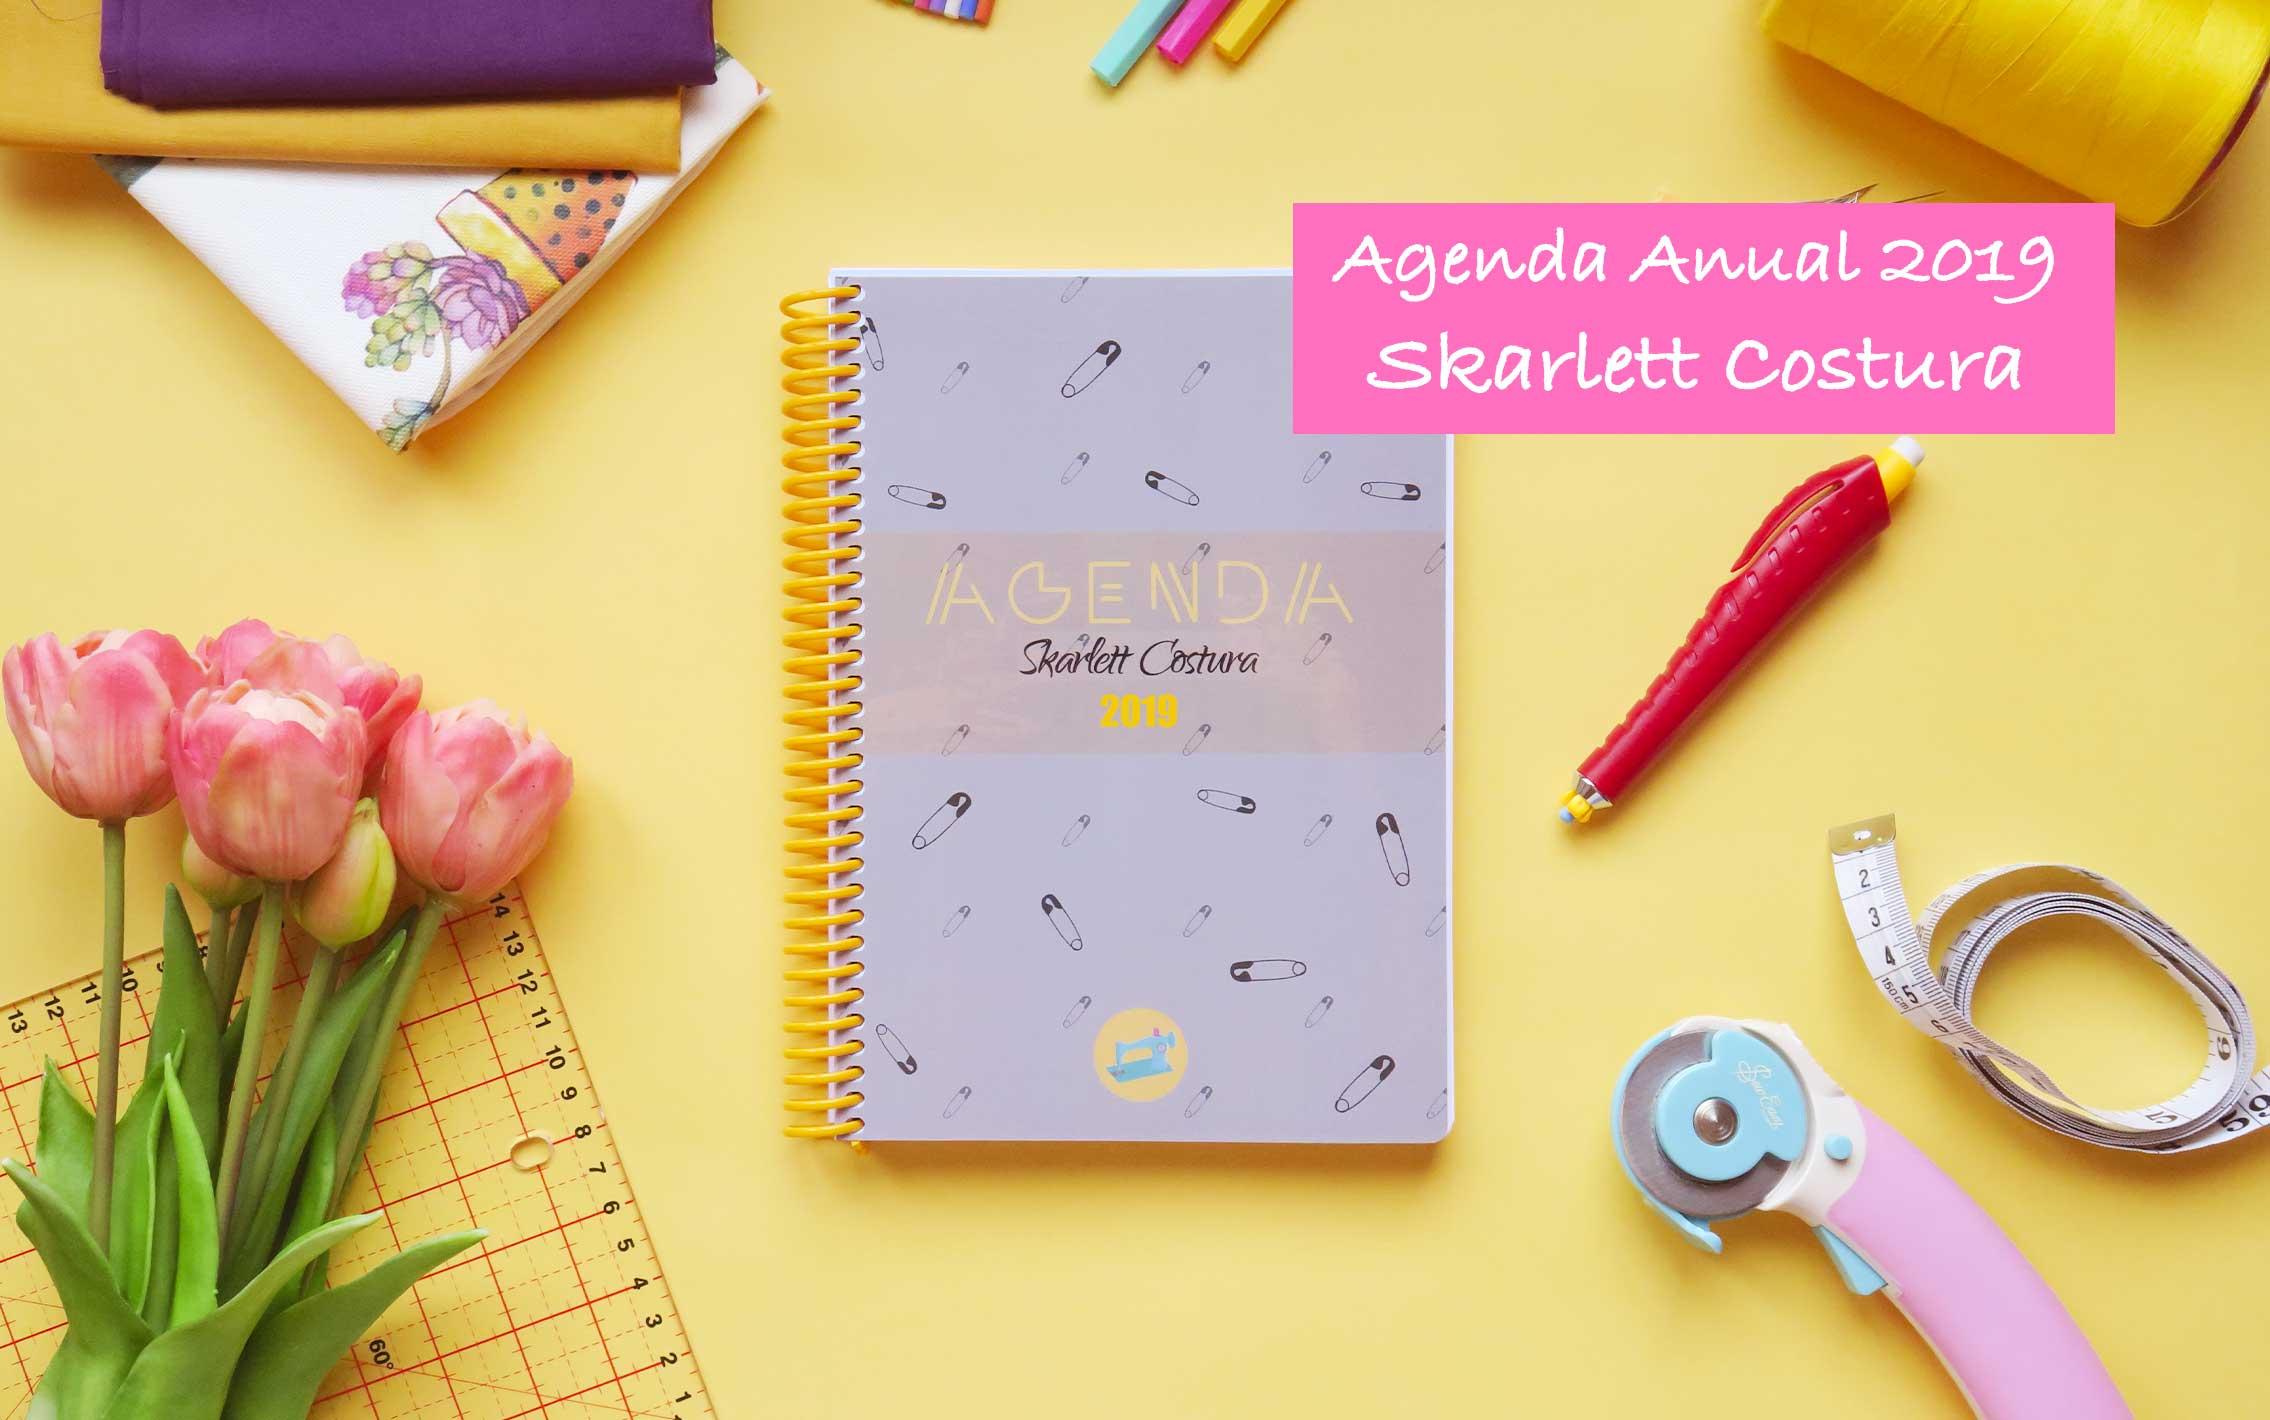 Agenda-Skarlett-Costura-2019-carrusel